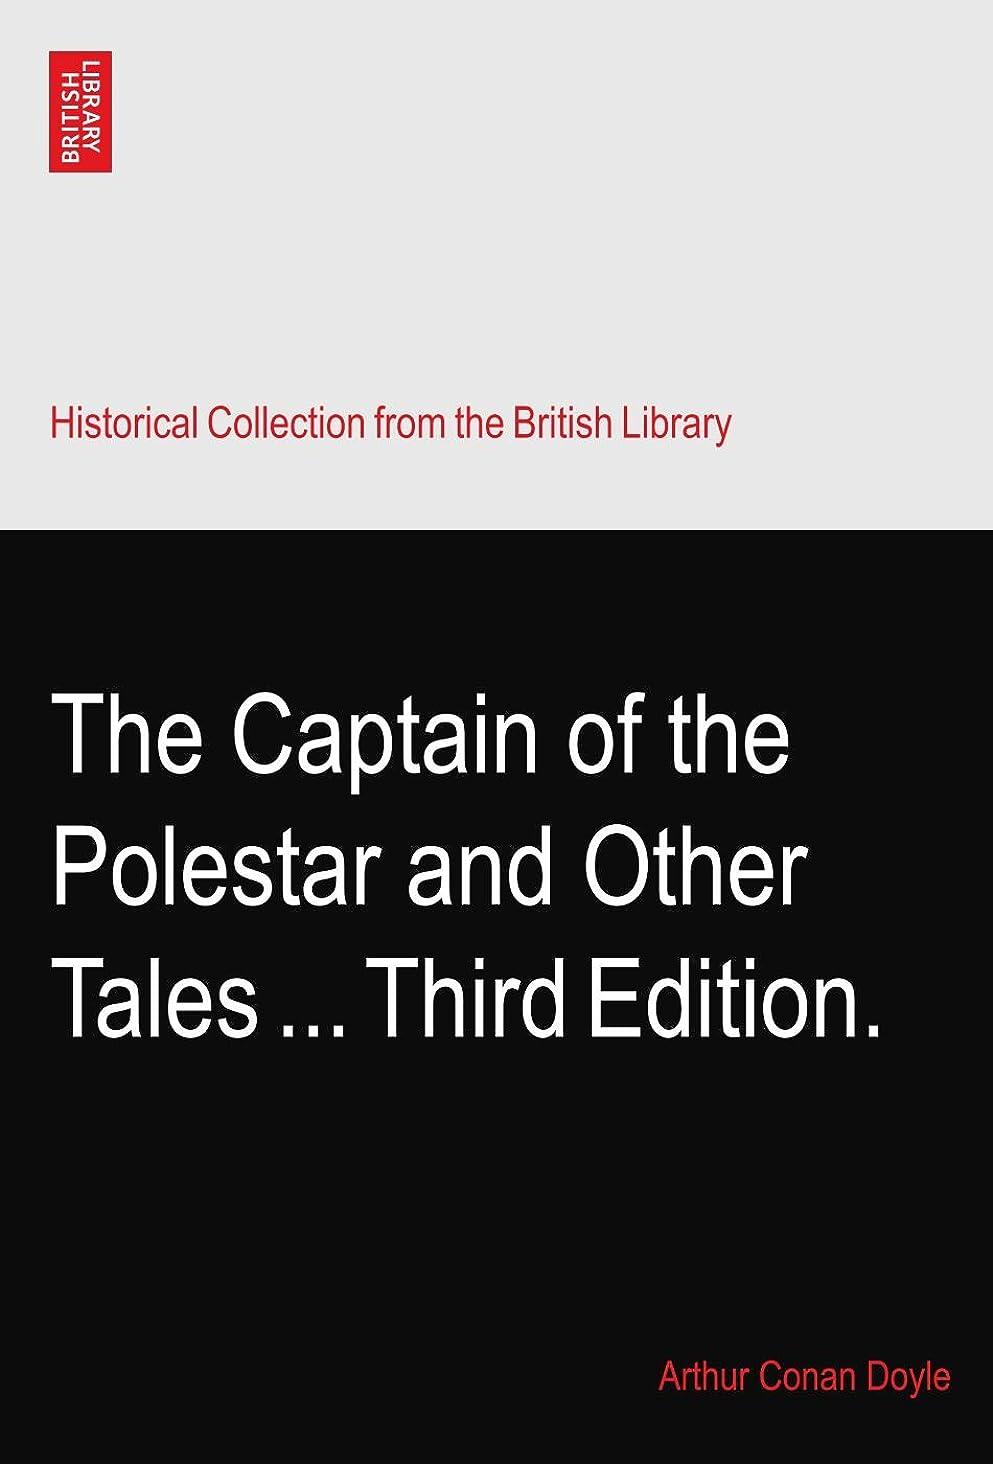 ガラガラいう刈るThe Captain of the Polestar and Other Tales ... Third Edition.